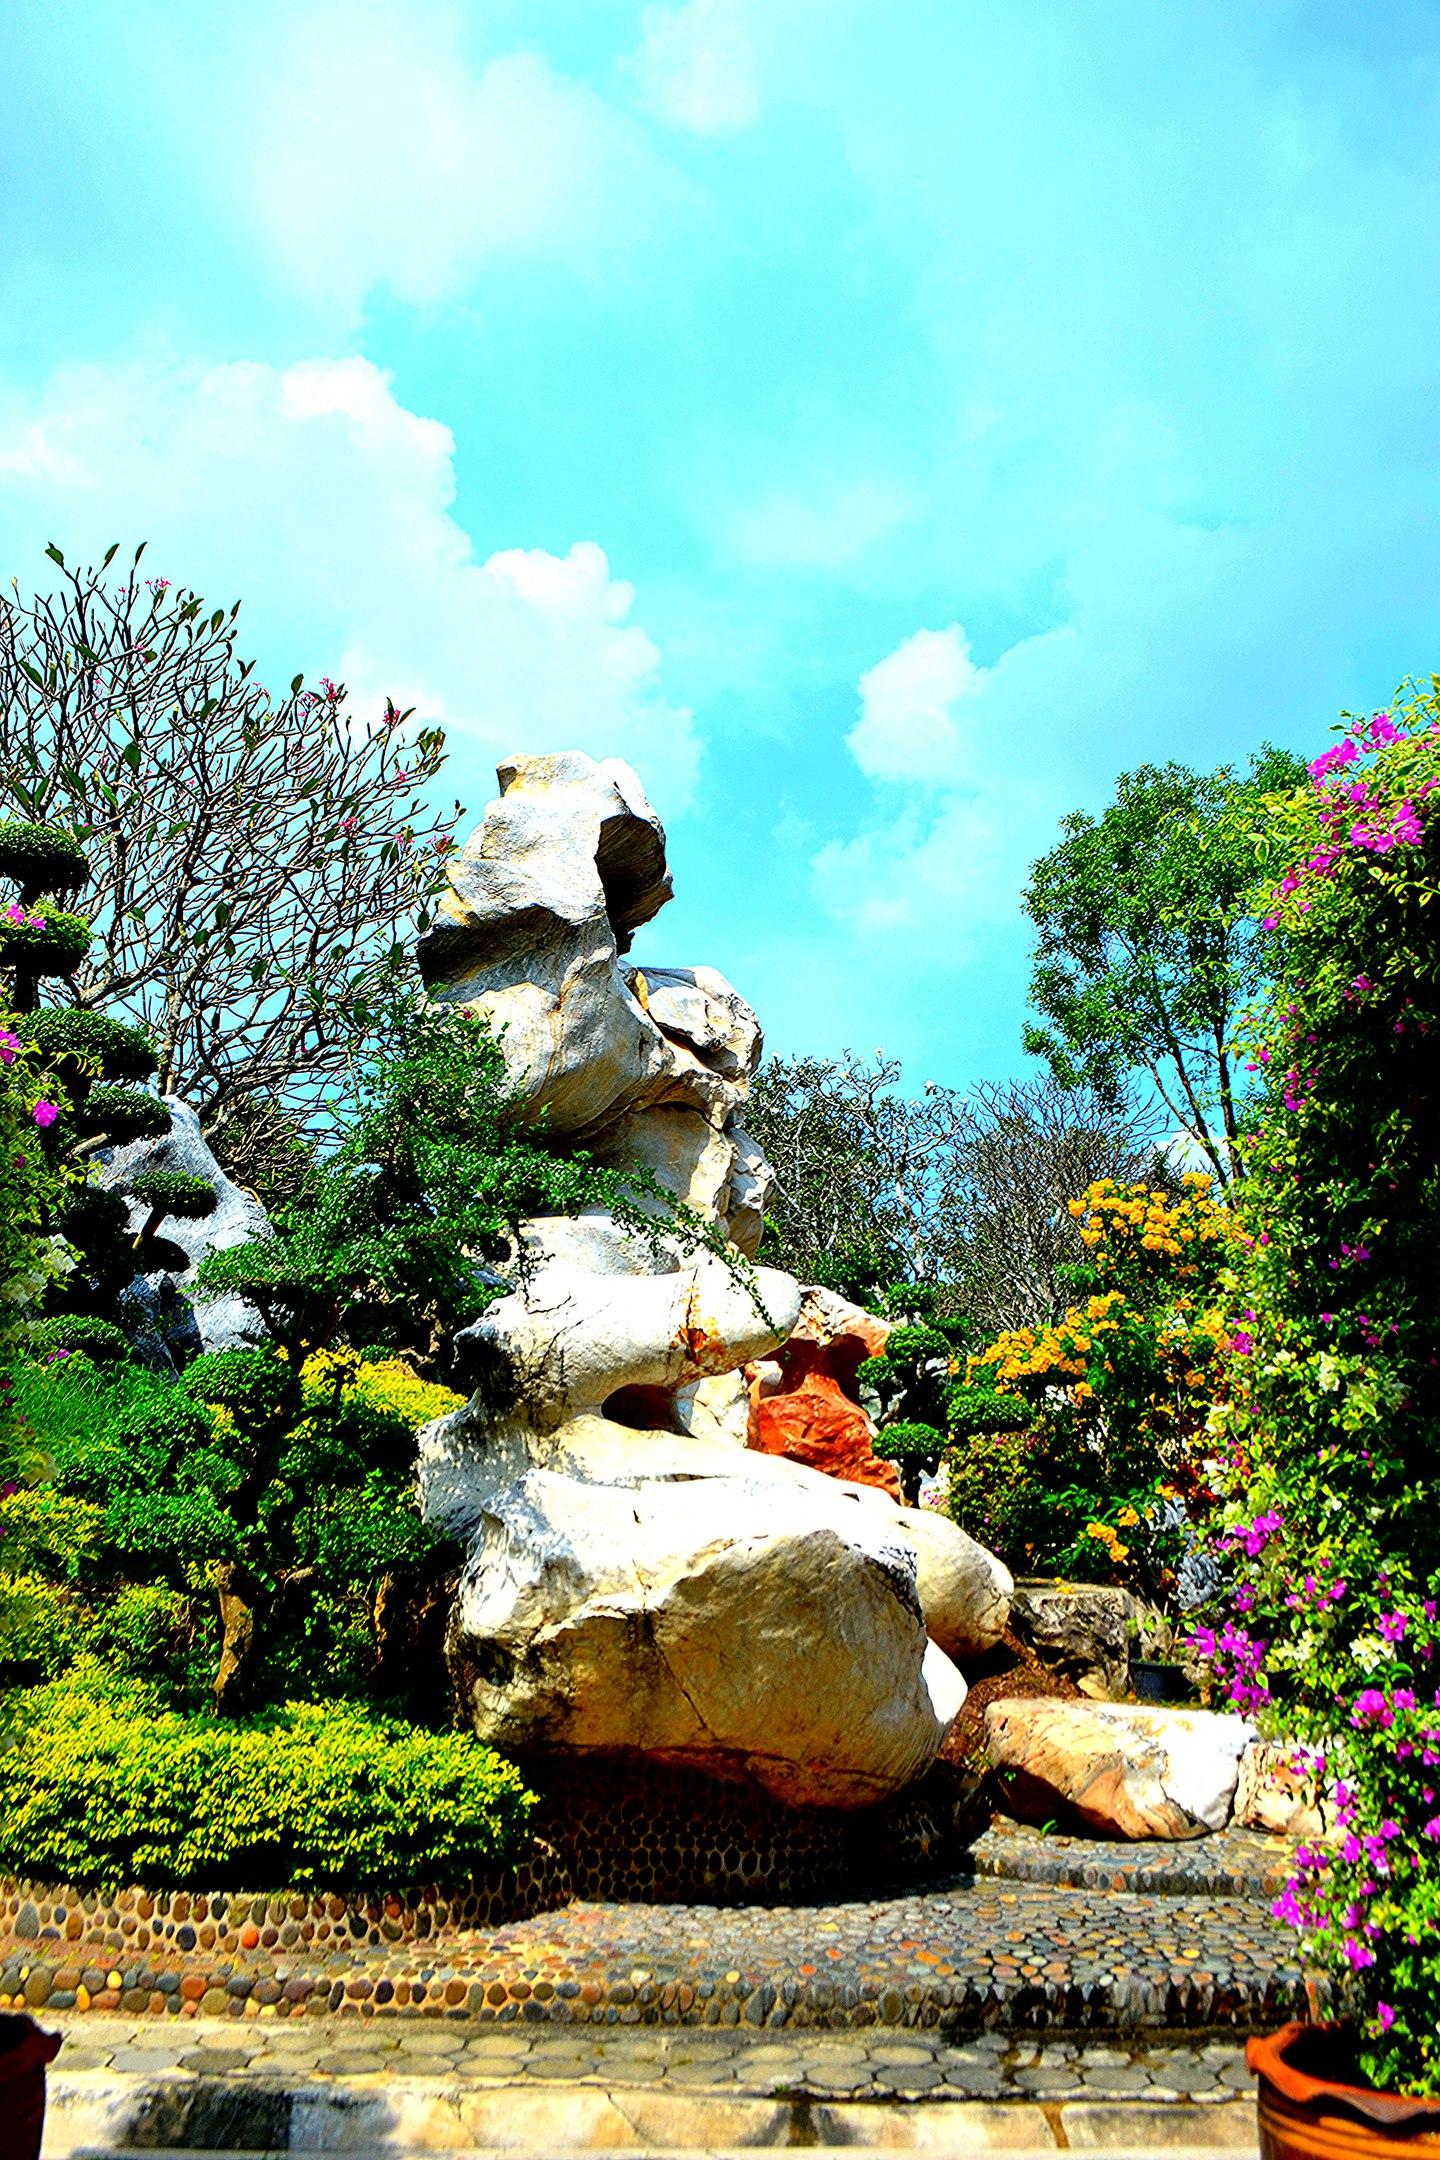 Елена Руденко ( Валтея ). Таиланд. Парк миллионолетних камней и крокодиловая ферма. - Страница 3 EEtzz0rs6qQ